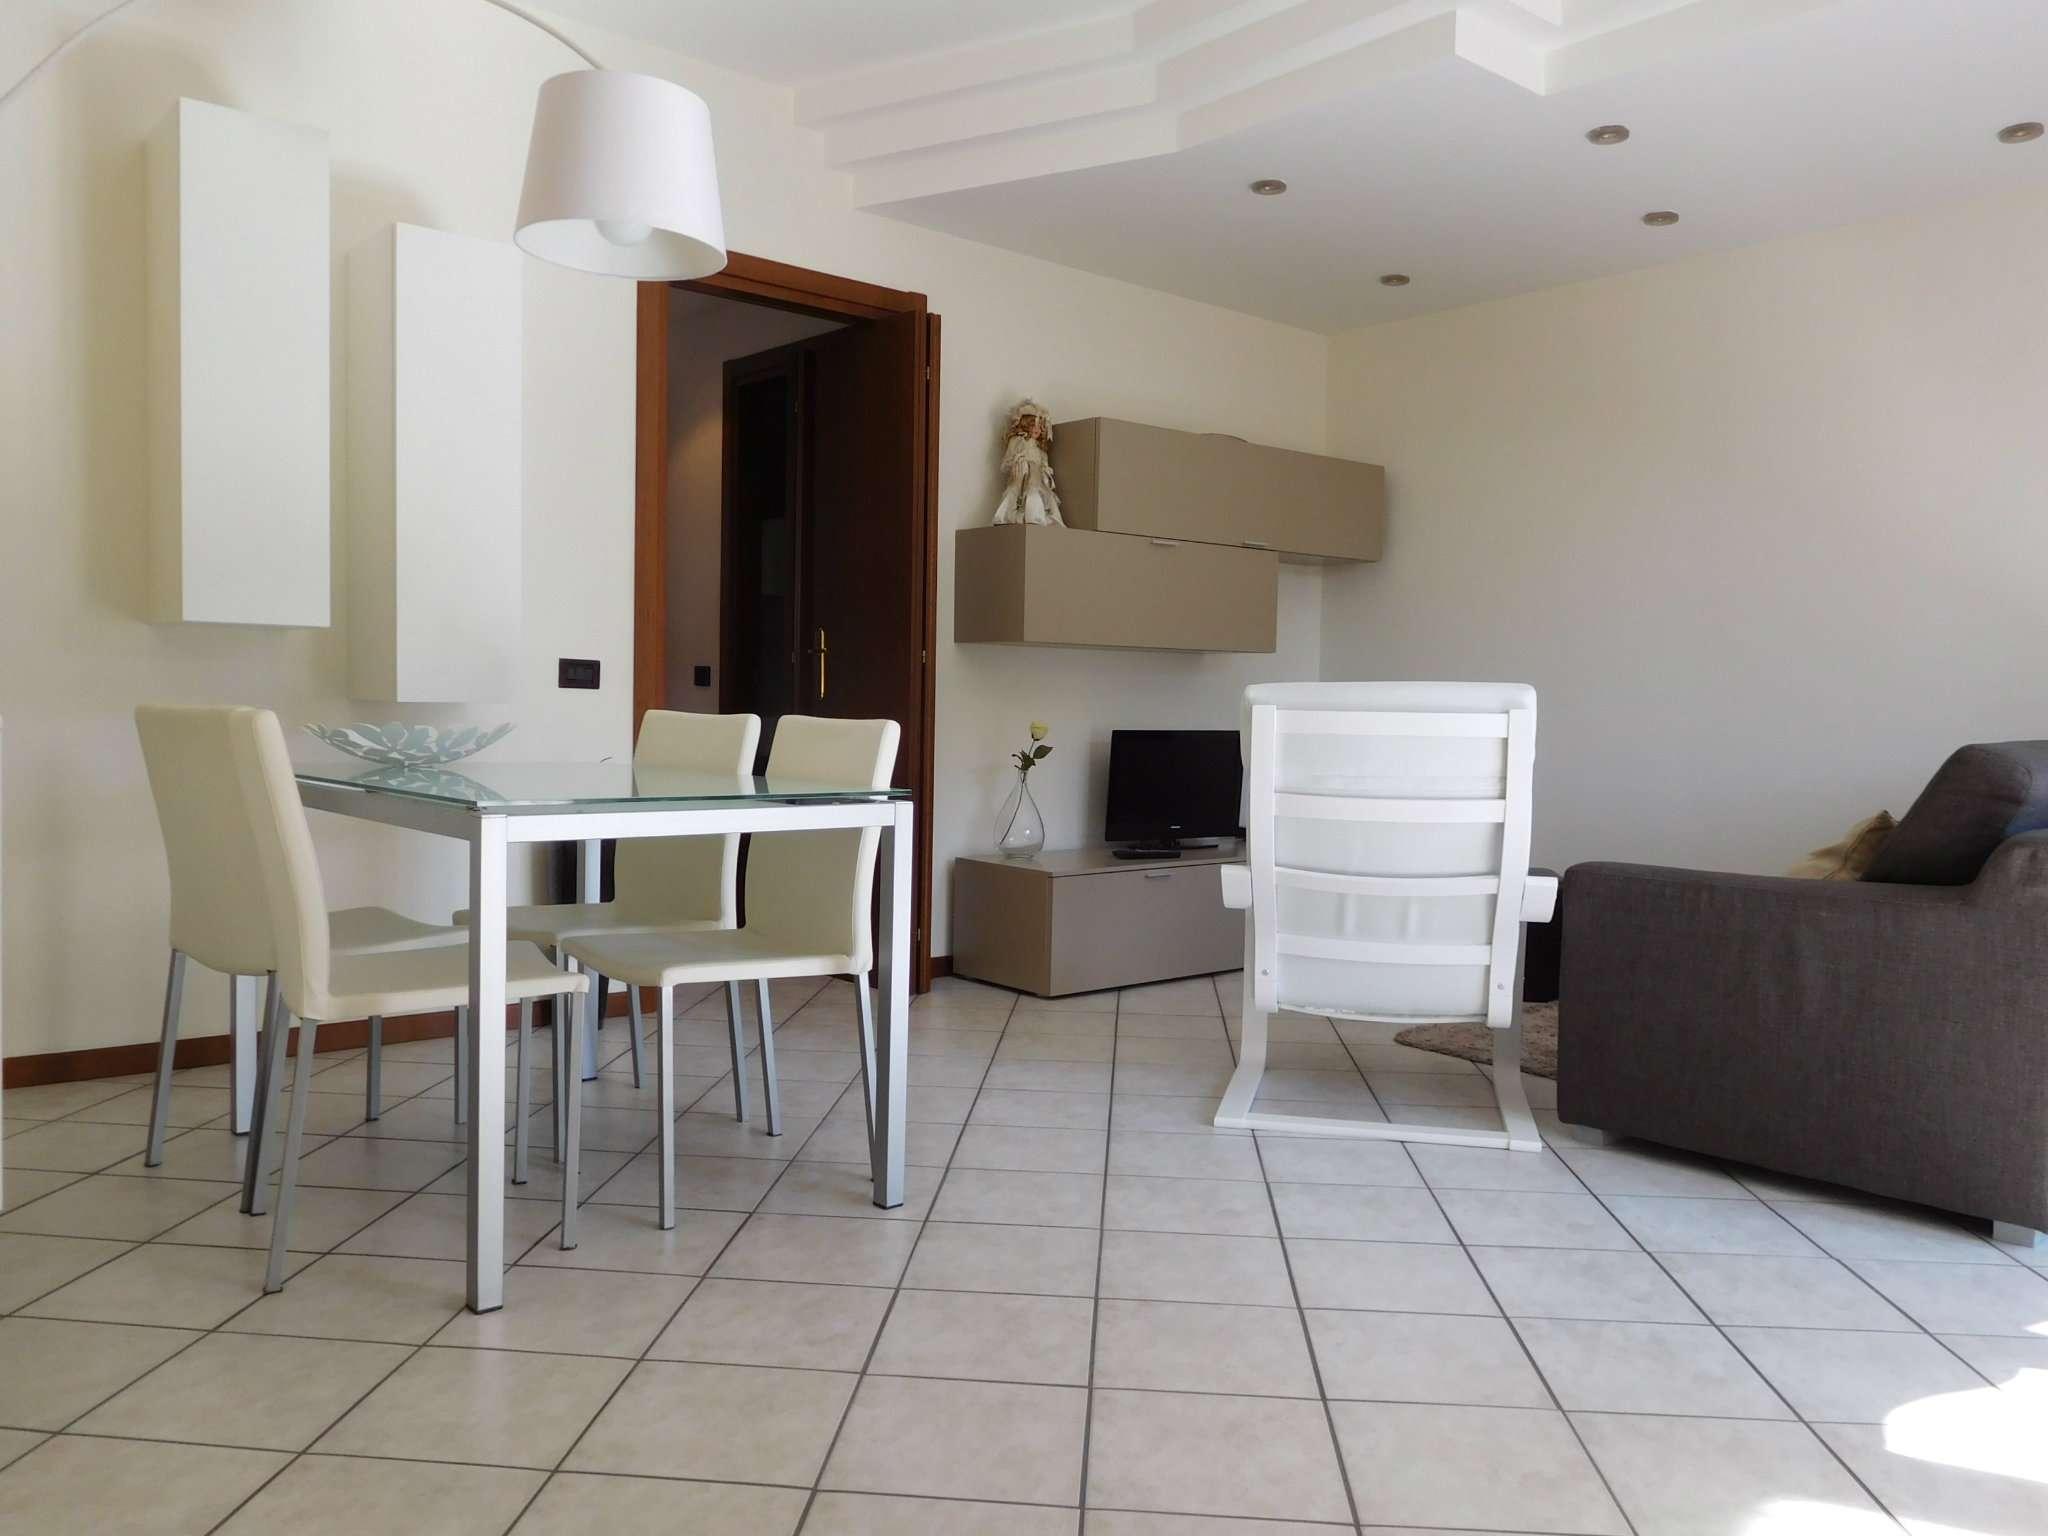 Appartamento in vendita a Albano Sant'Alessandro, 4 locali, prezzo € 165.000 | CambioCasa.it